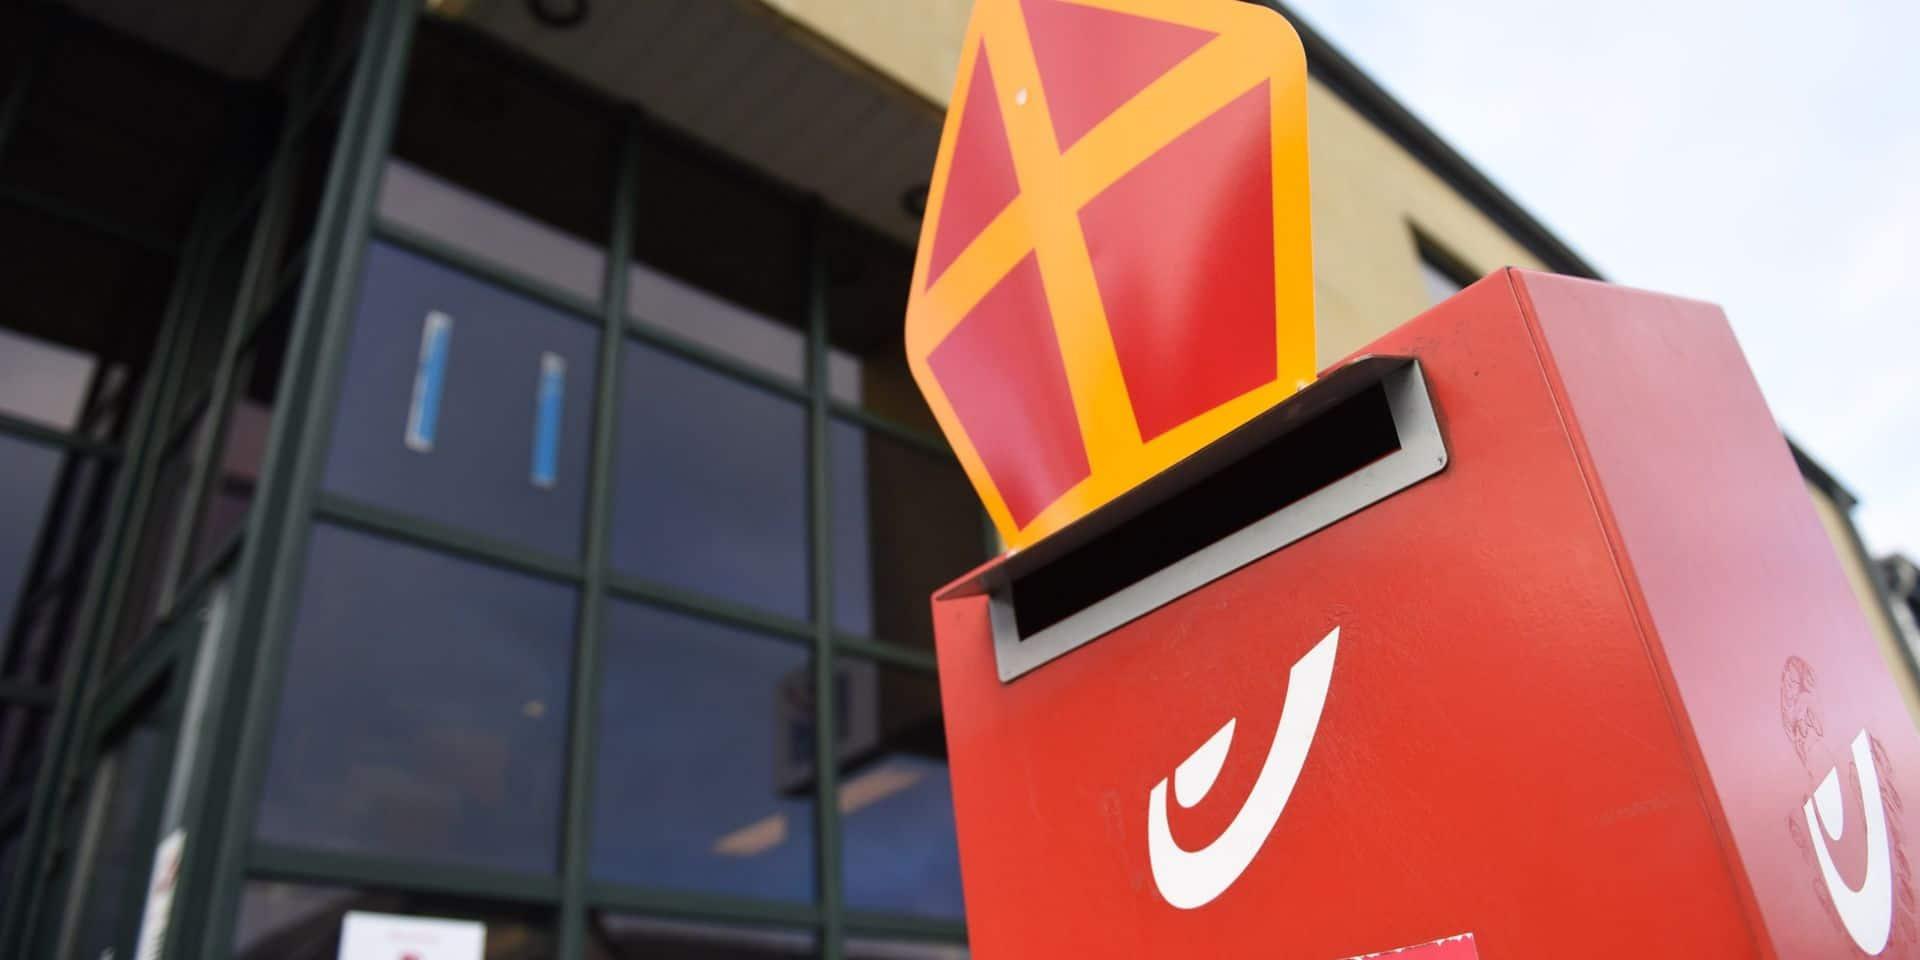 Le conseil des ministres prolonge le contrat de bpost pour la distribution de journaux